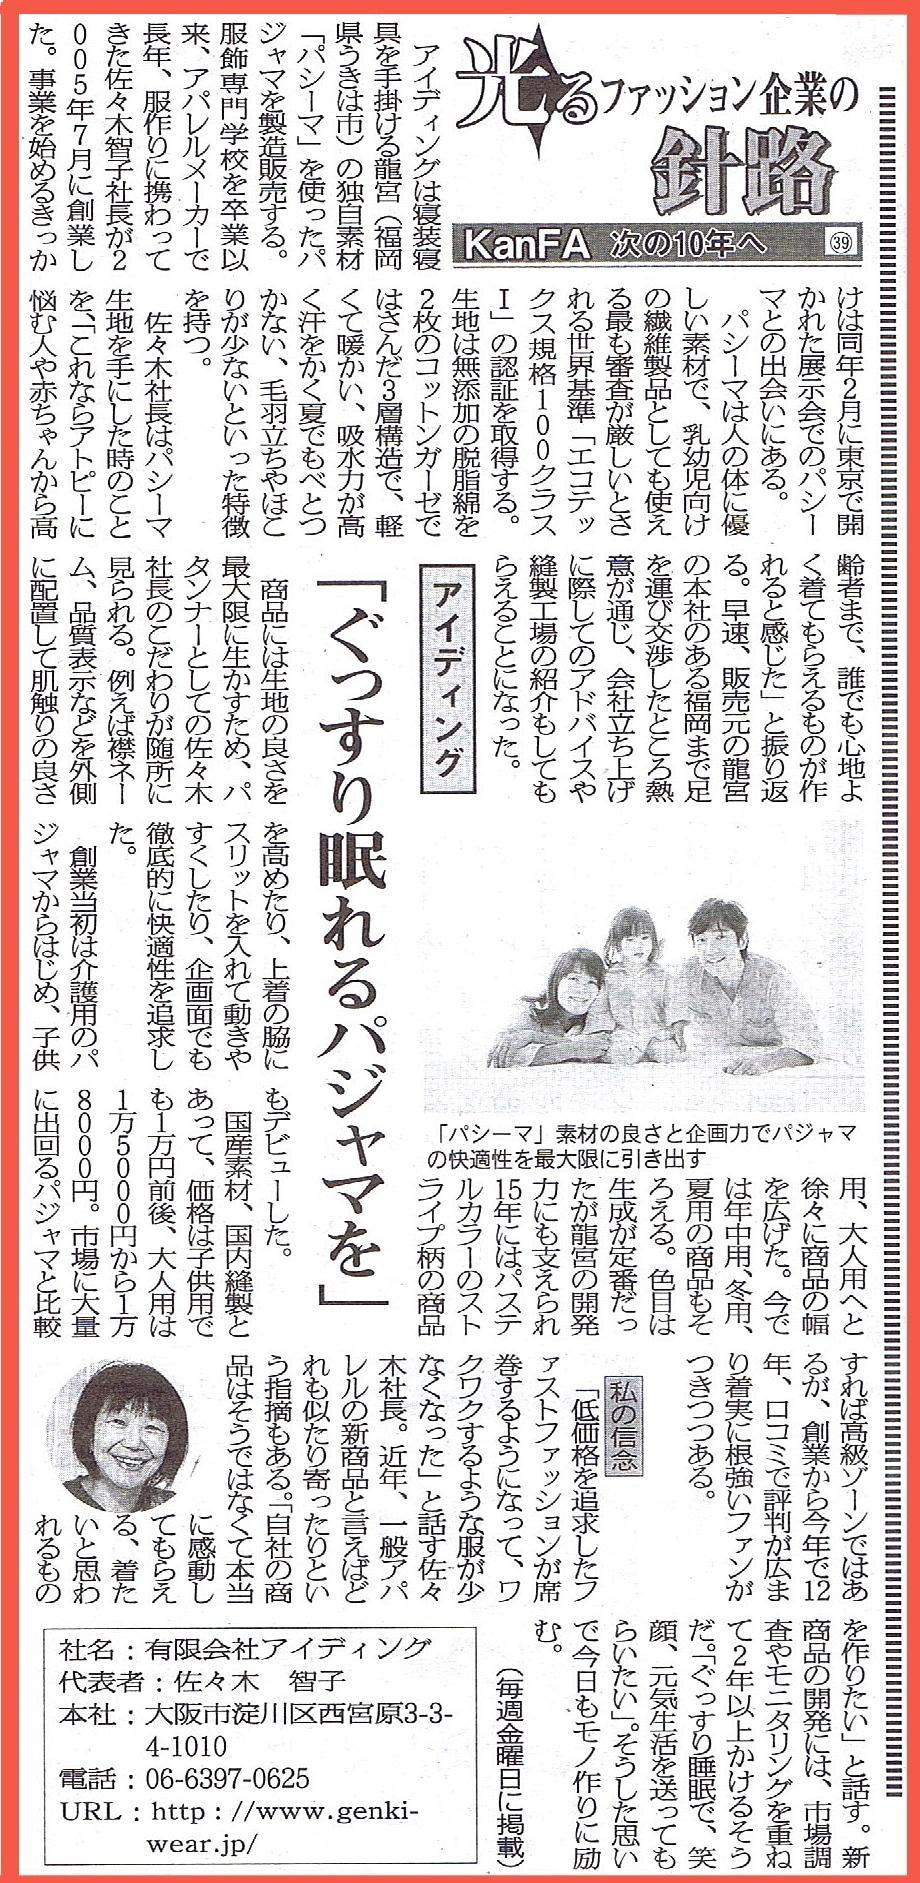 繊維ニュース 掲載2017年1月20日記事